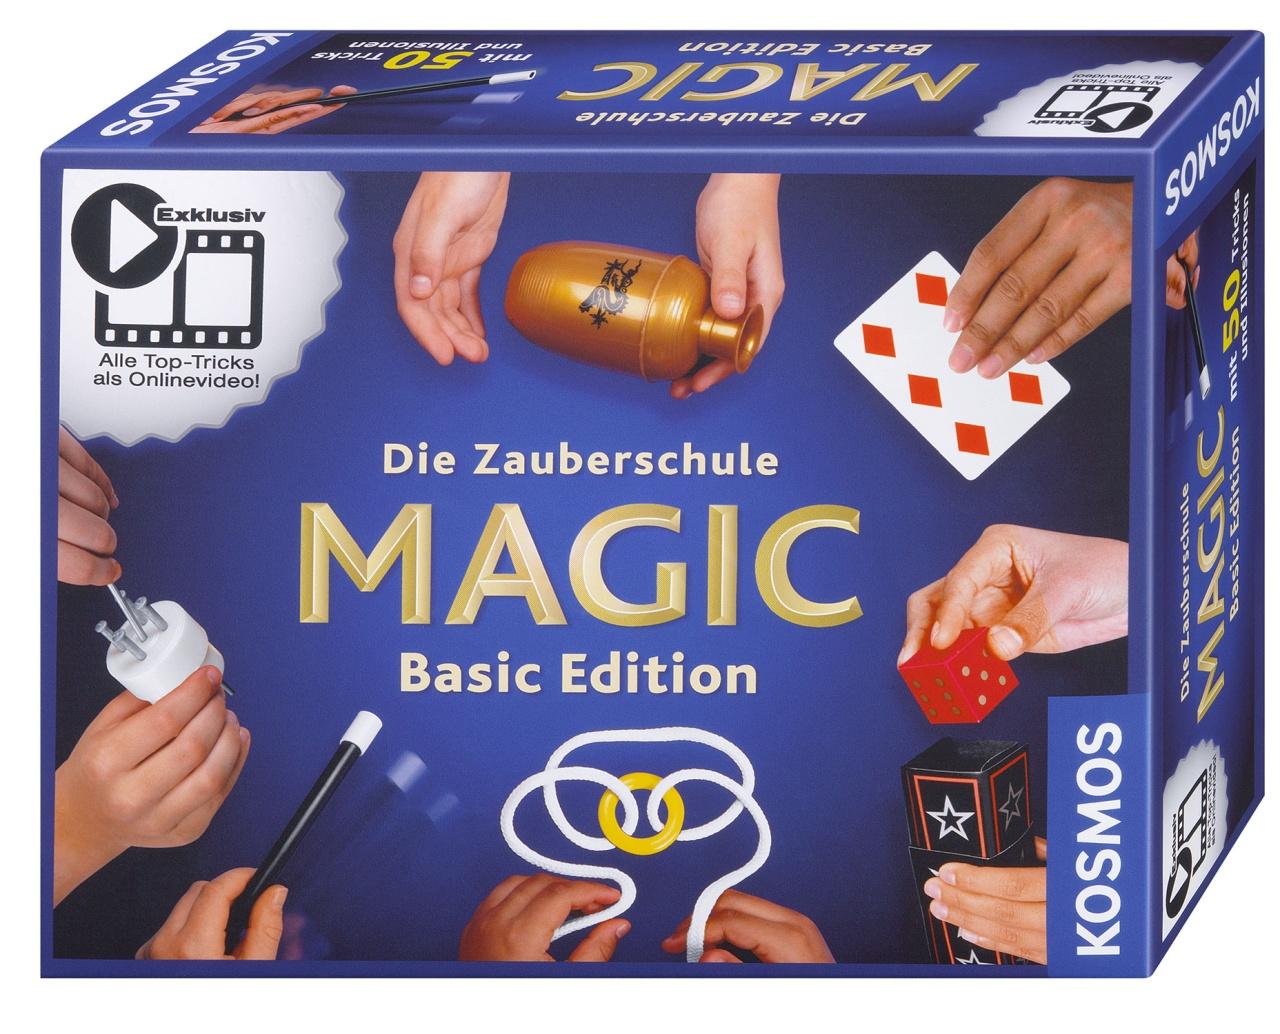 Zauberschule Magic Basic von Kosmos